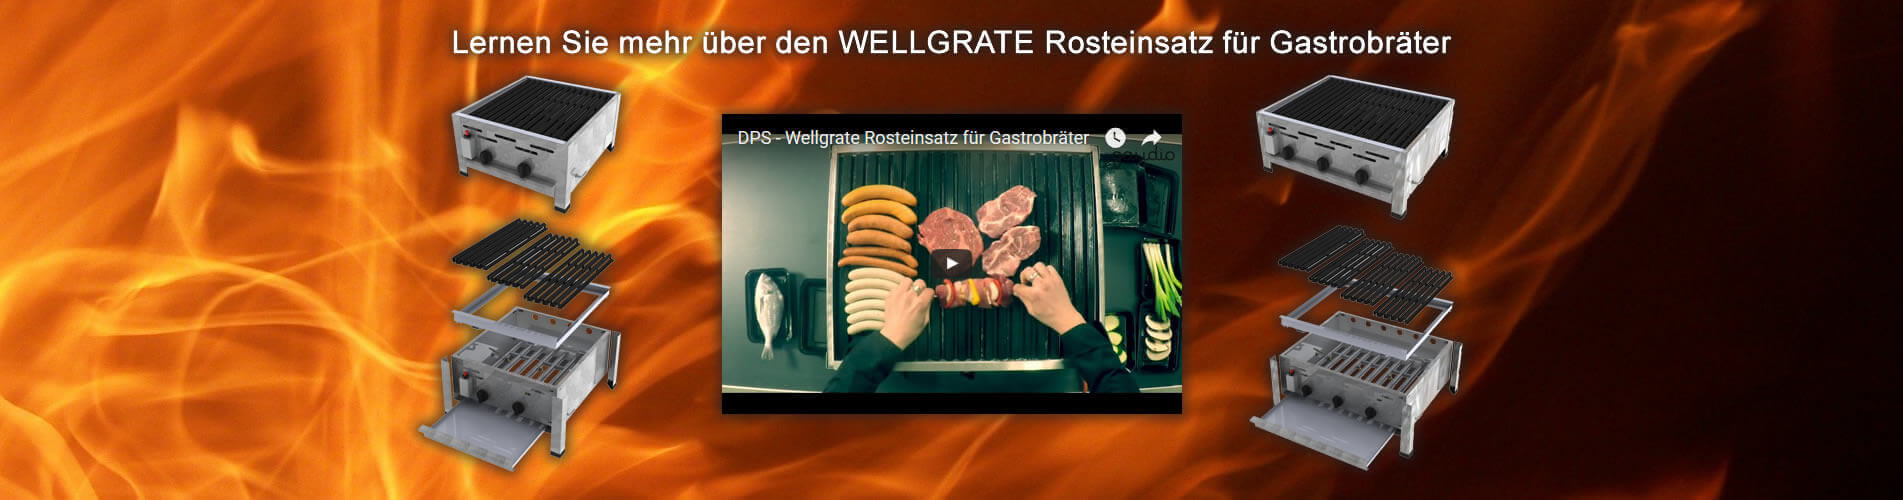 Lernen Sie alles über den DPS Wellgrate Rosteinsatz für Gastrobräter von Dross Professional Service